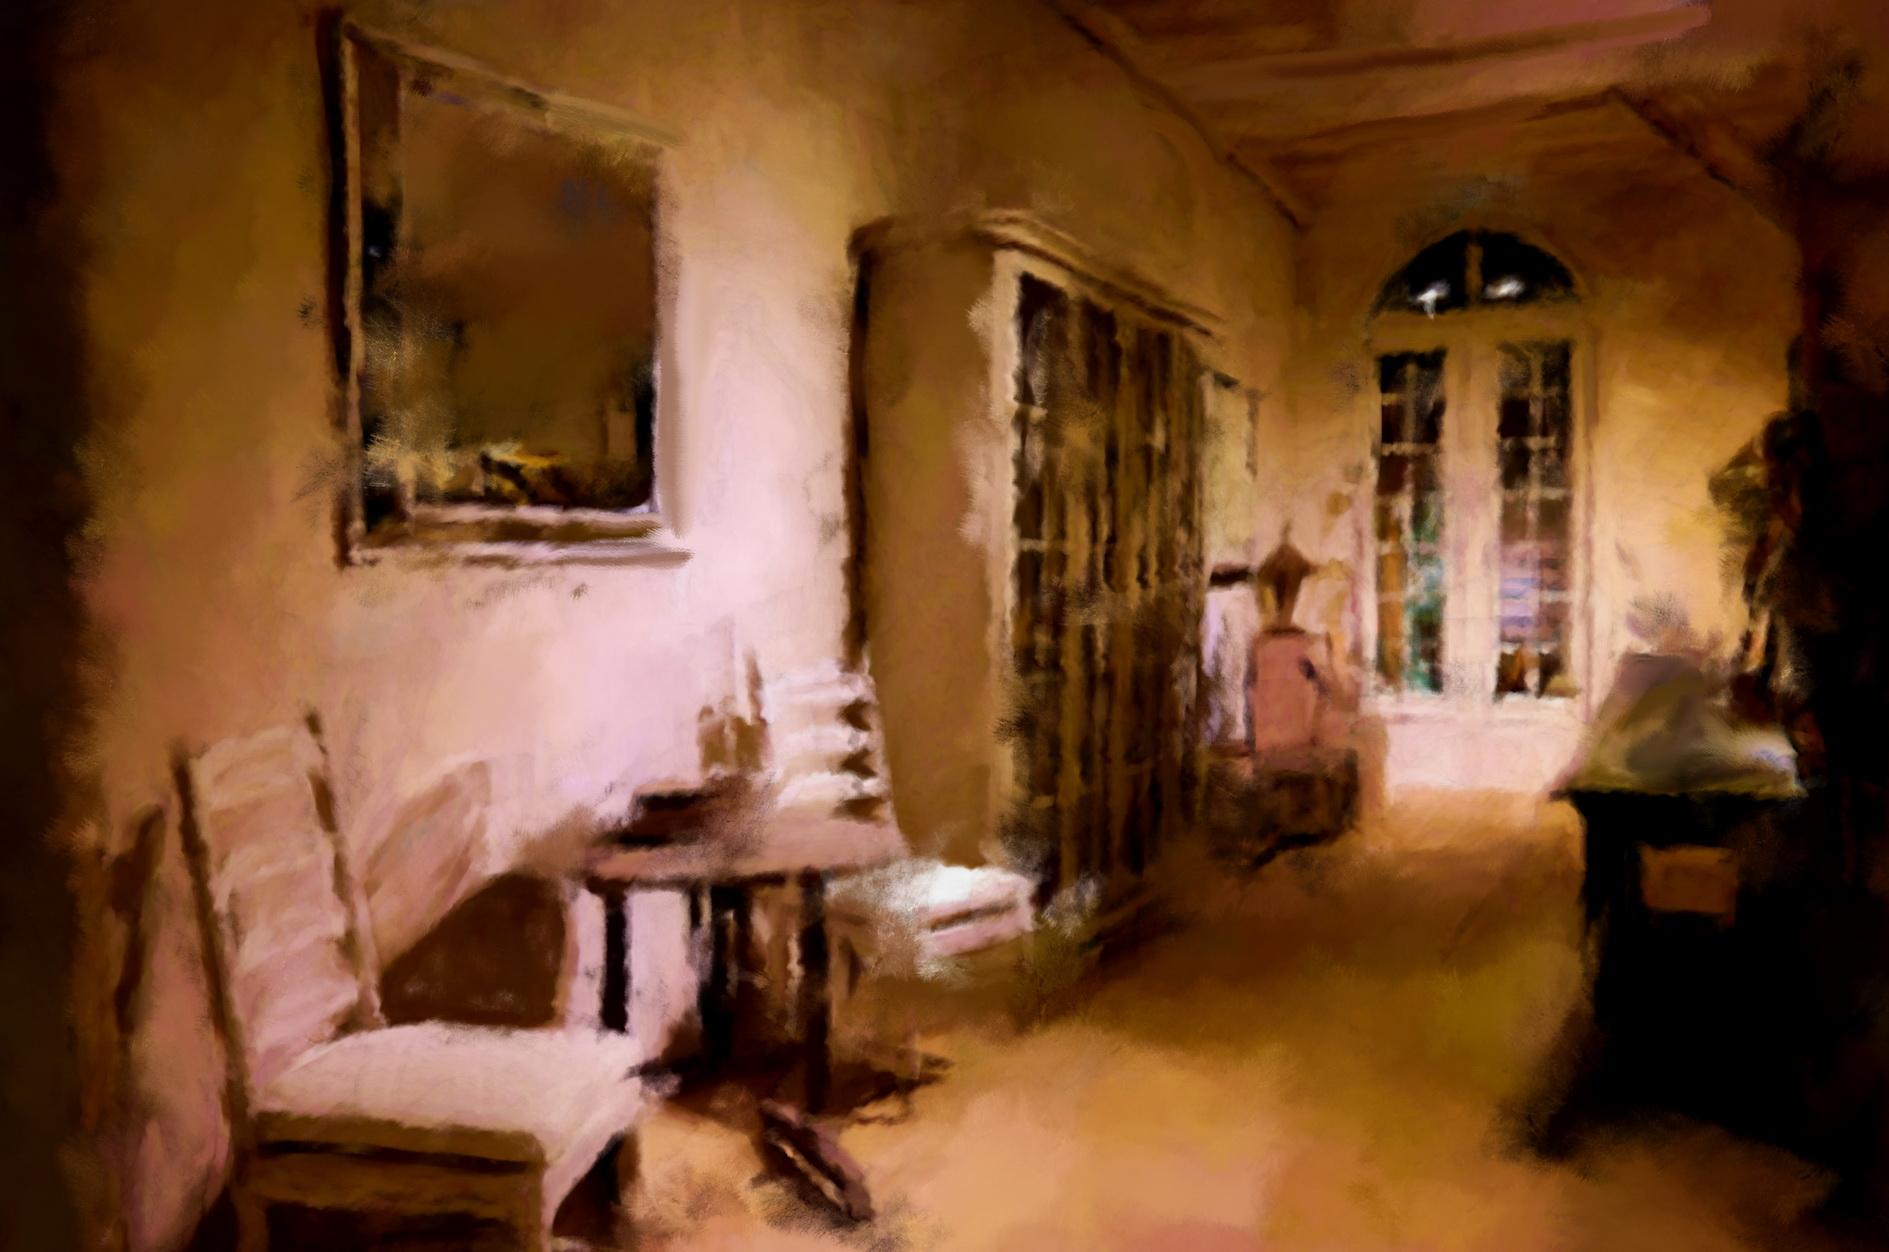 Lichte sfeer and magic naar Flamant interiors, door kunstenaar Laure Van De Meele